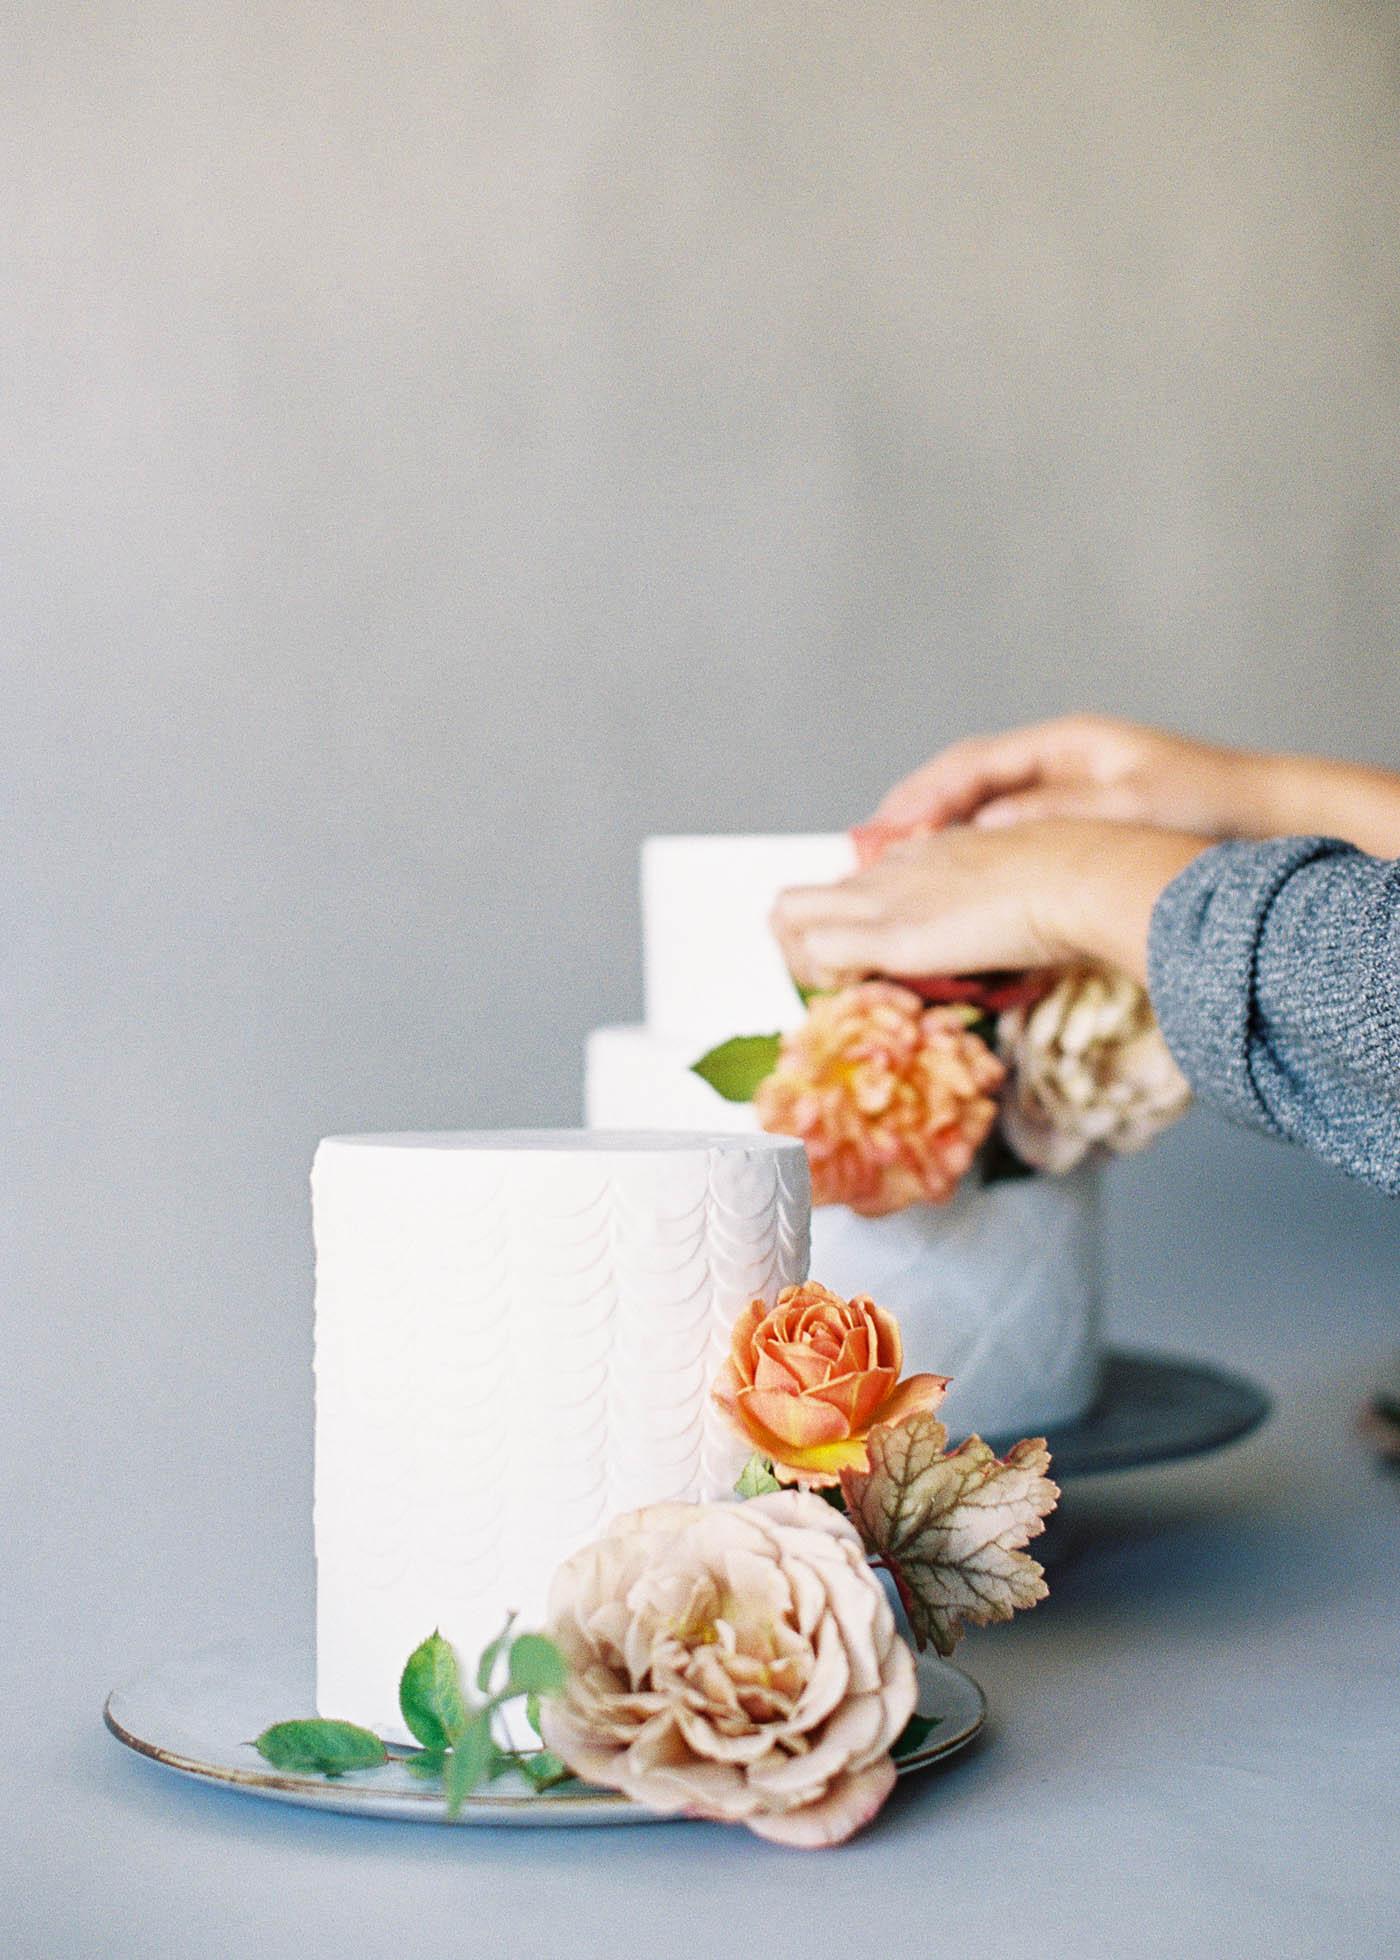 Cake-Favorites-1-Jen_Huang-000485-R1-005-1.jpg